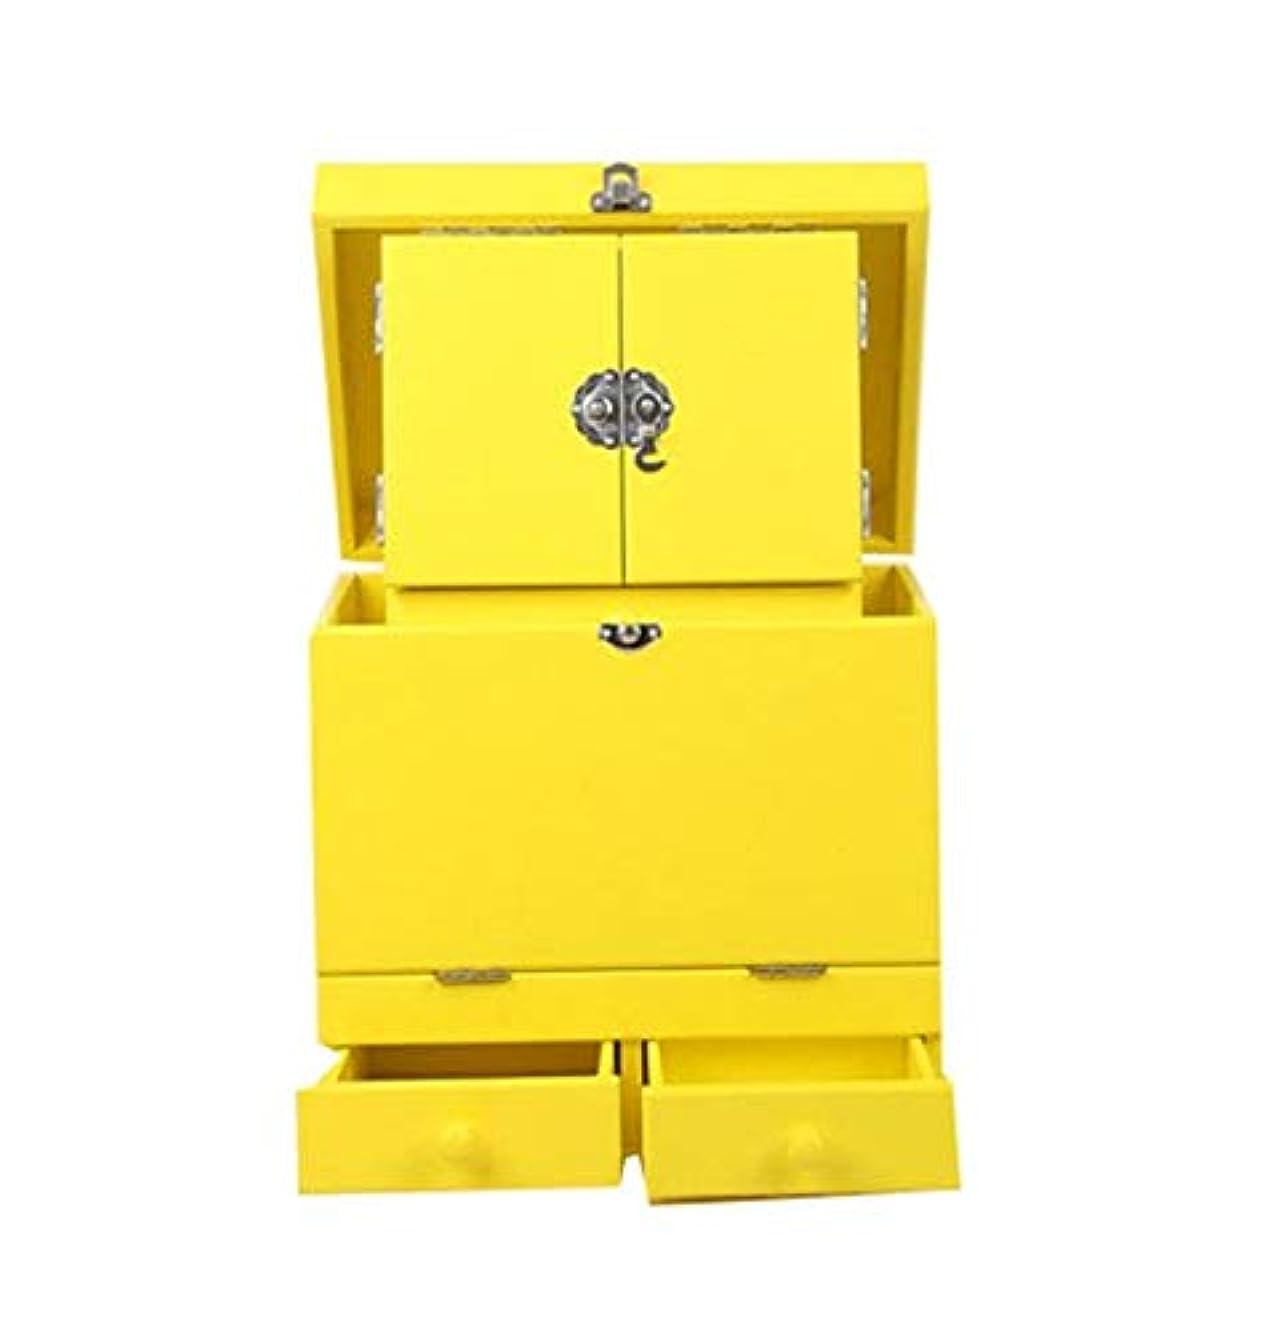 絶壁海外で少ない化粧箱、黄色のダブルデッカーヴィンテージ木製彫刻が施された化粧ケース、ミラー、高級ウェディングギフト、新築祝いギフト、美容ネイルジュエリー収納ボックス